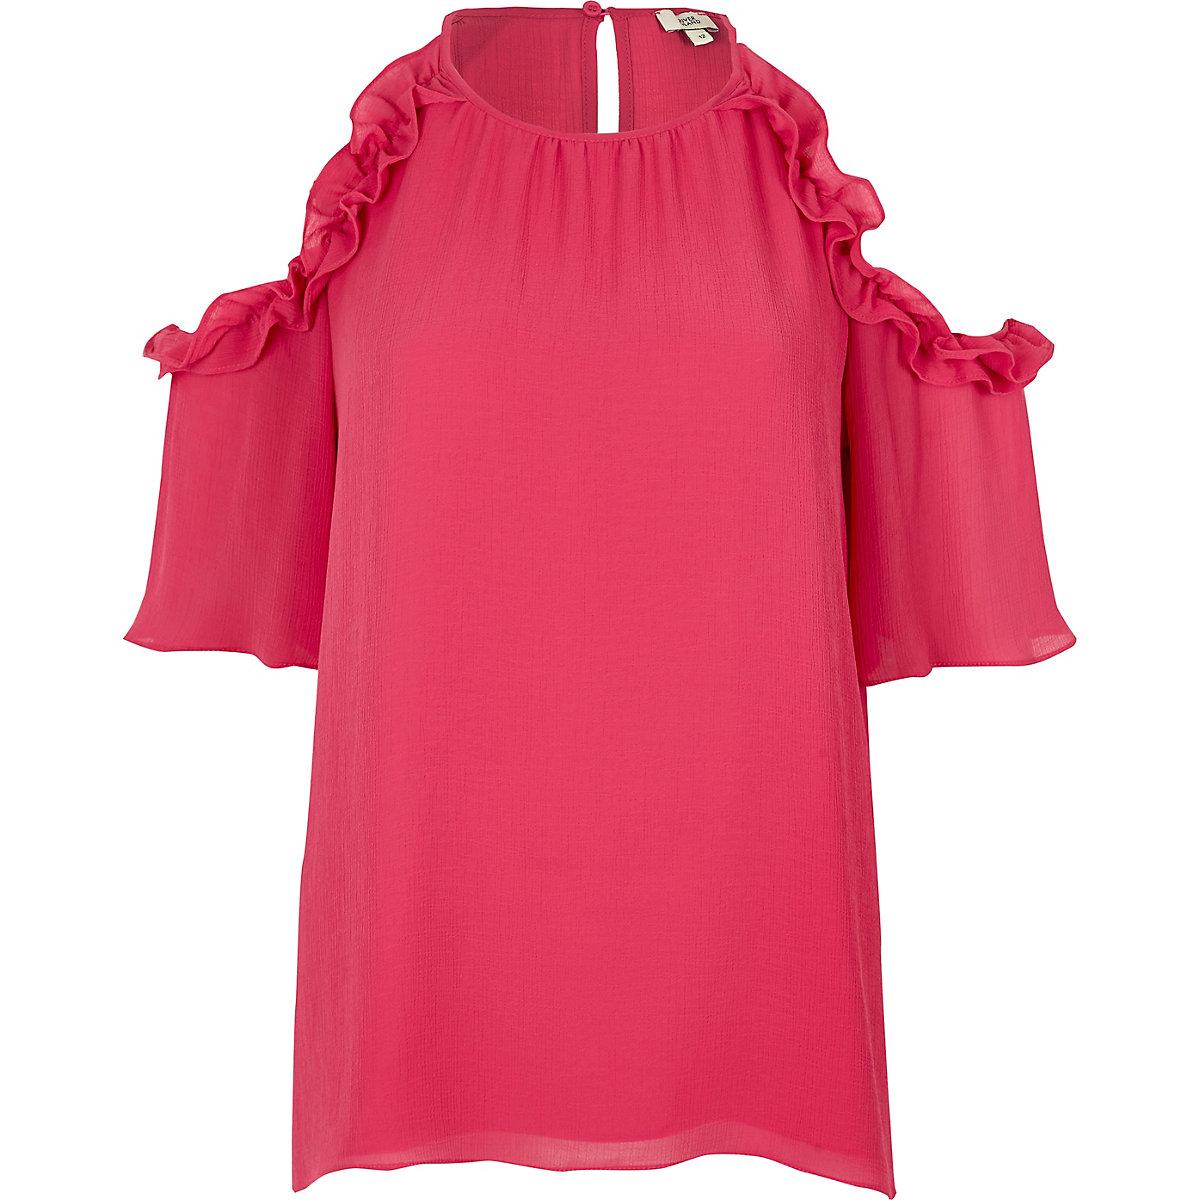 Pink frill cold shoulder blouse